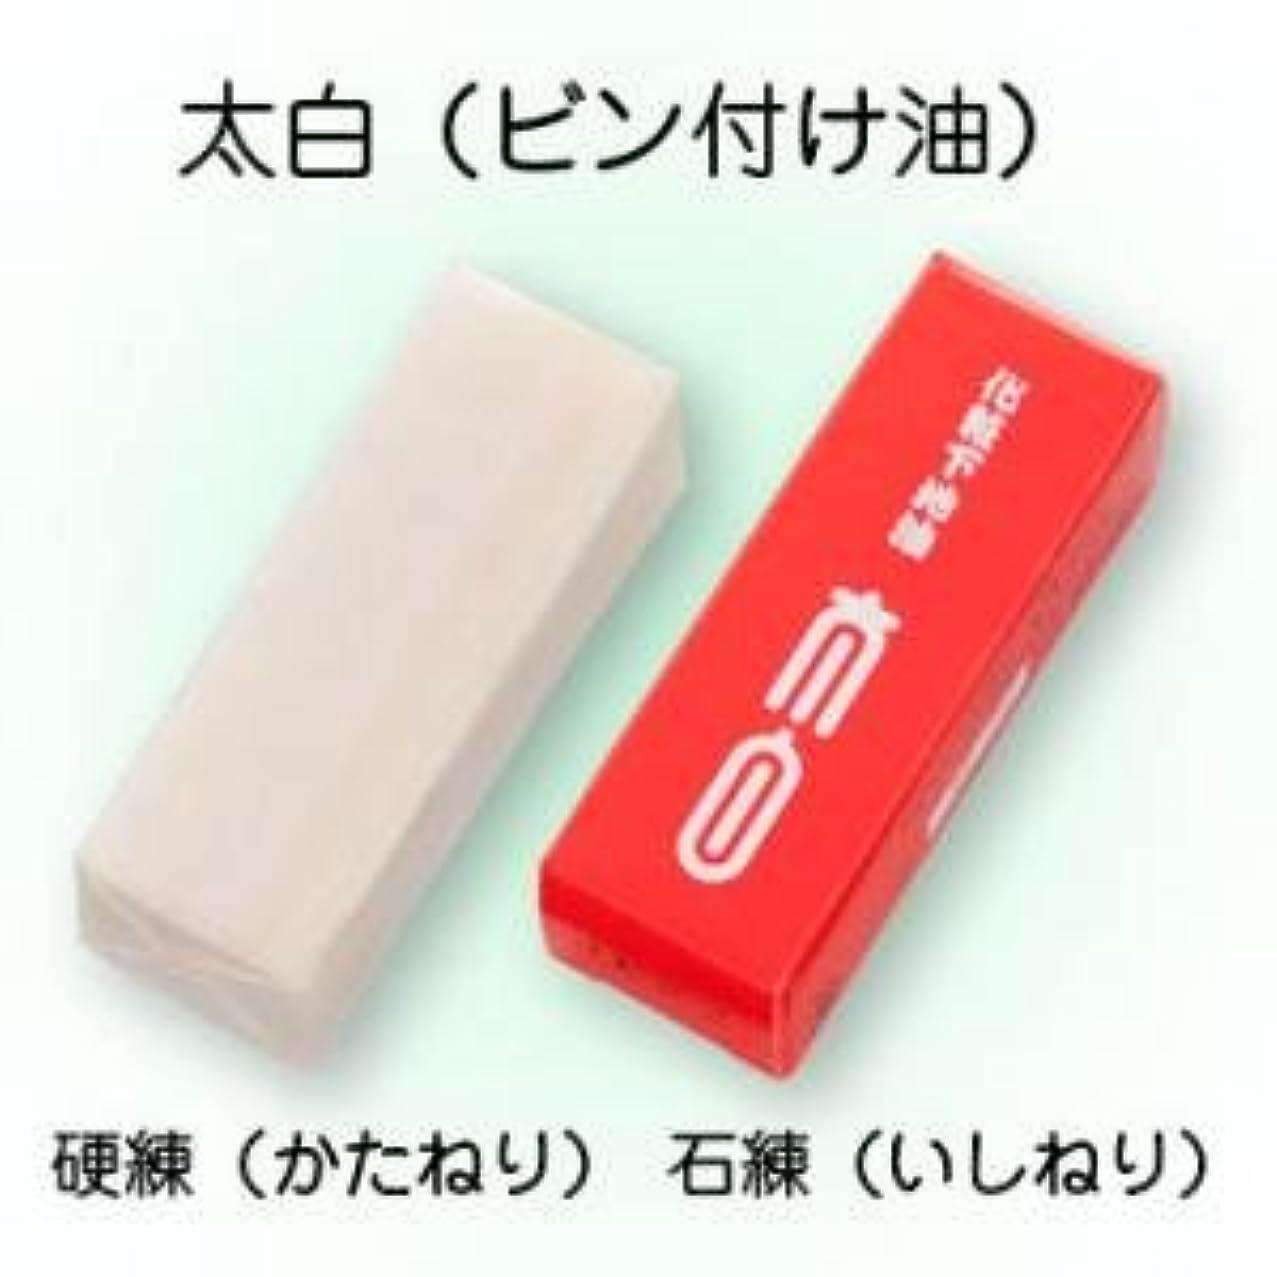 り免除する廊下太白(たいはく)ビン付け油 40g (硬練)【三善】